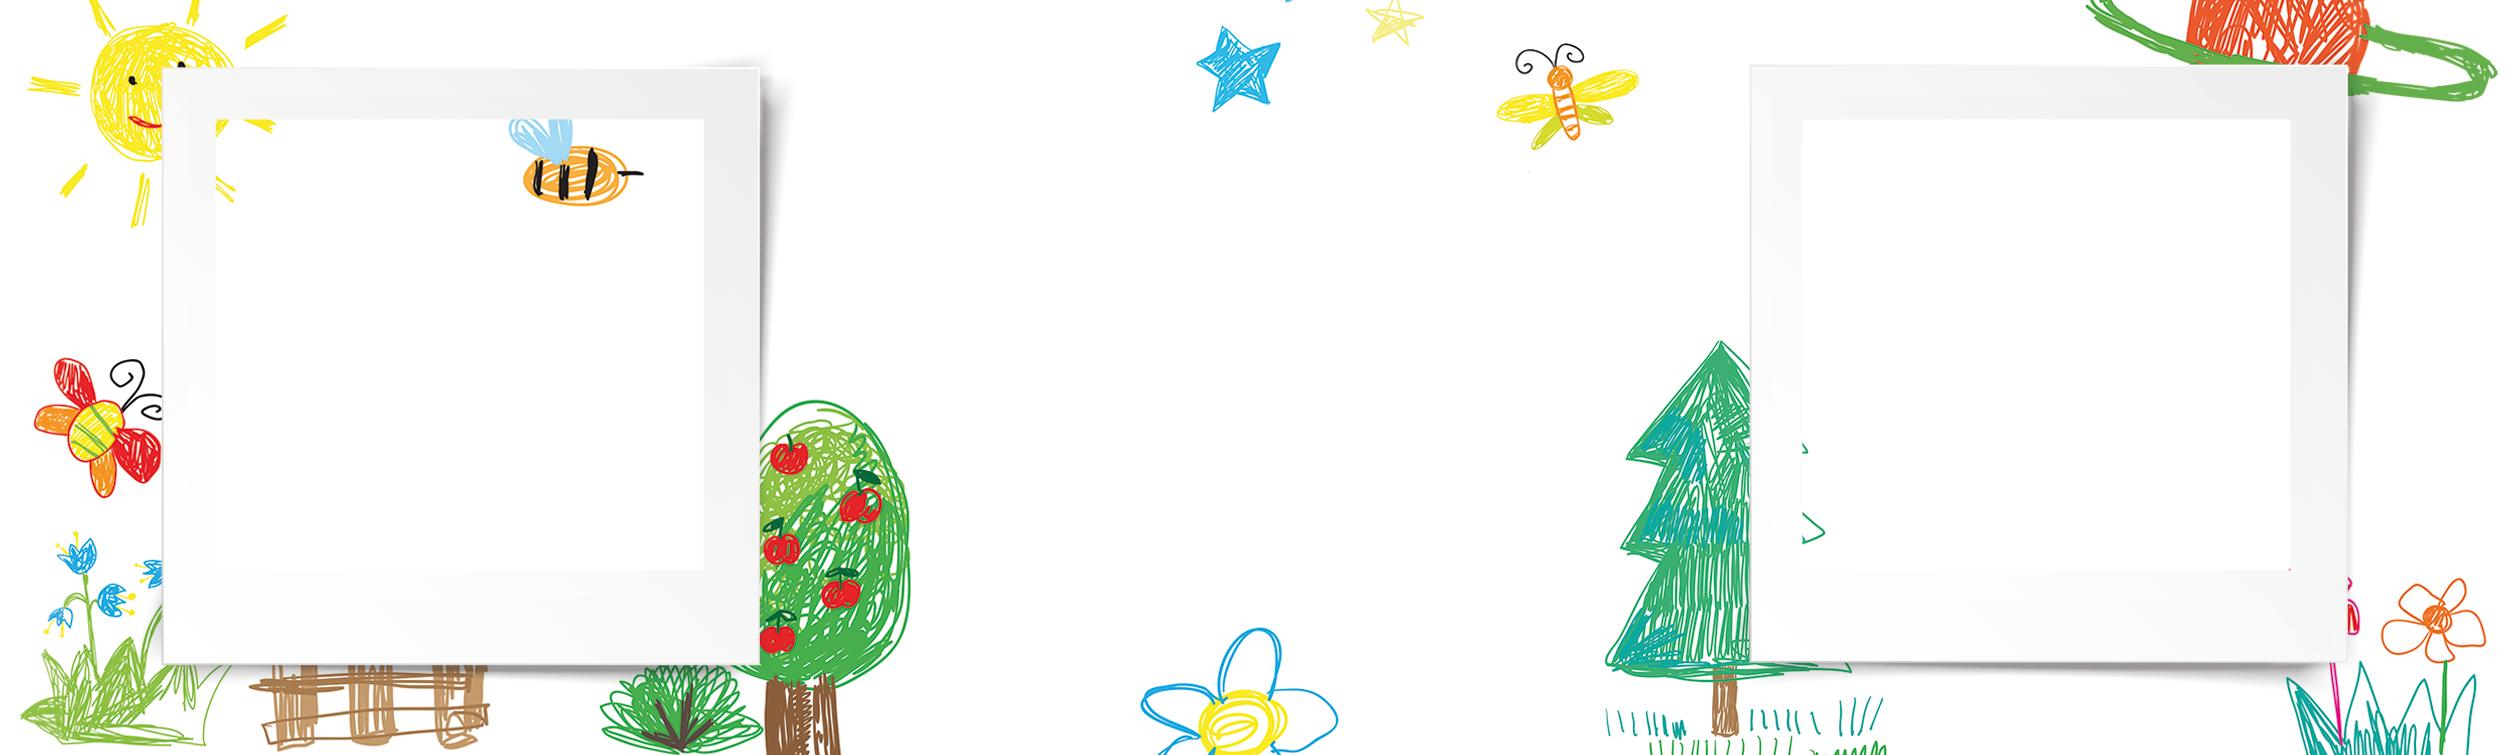 Die danke zeit für blumentopf tolle MyFacepot Blumentopf